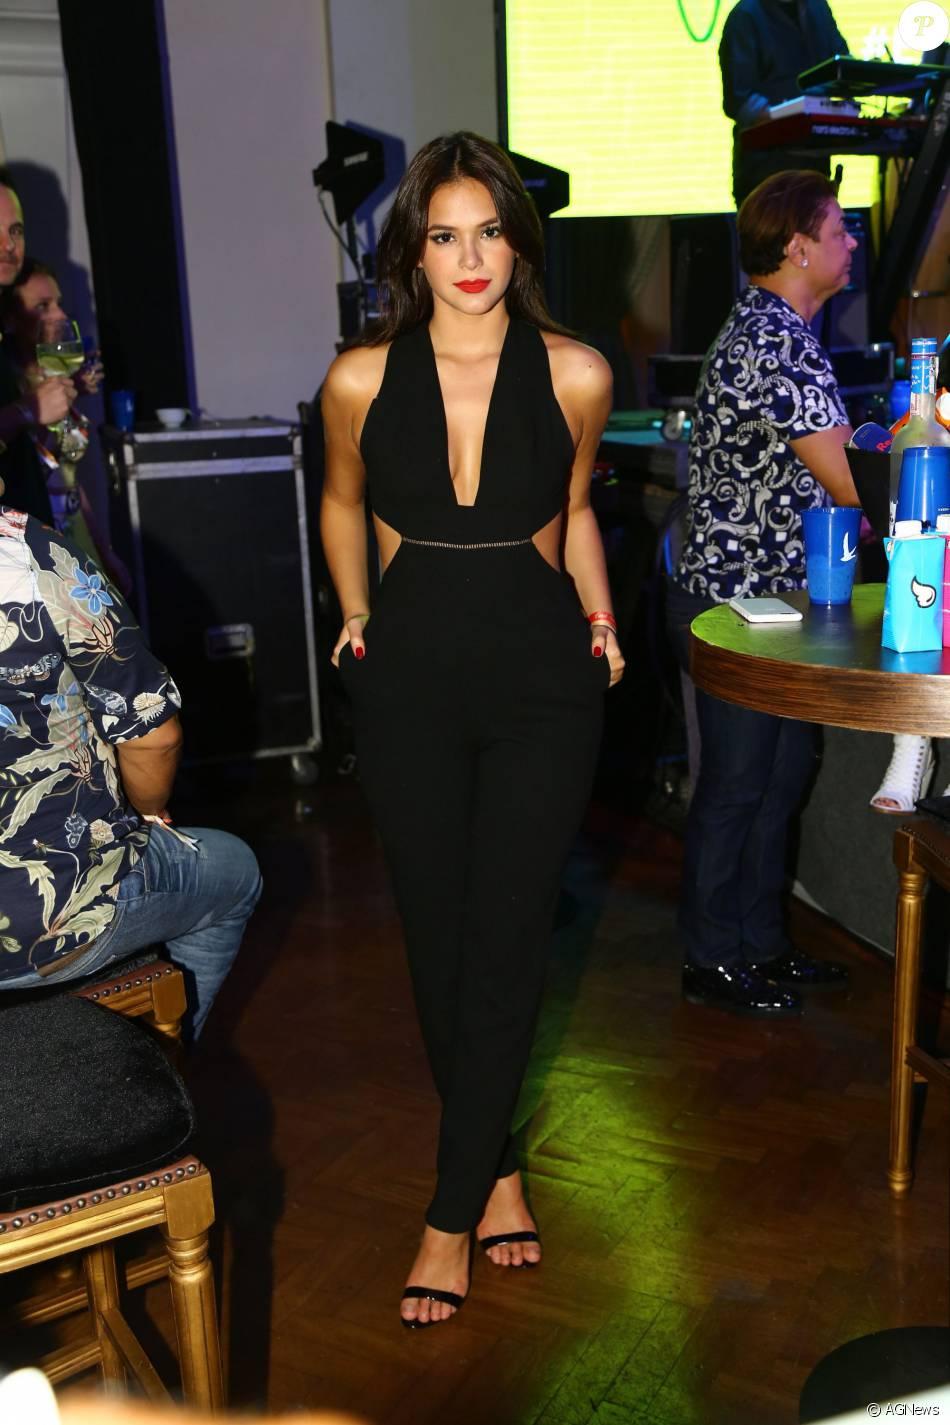 A atriz Bruna Marquezine apostou em macacão preto para o aniversário da promoter Carol Sampaio, que aconteceu na noite deste domingo, 13 de março de 2016